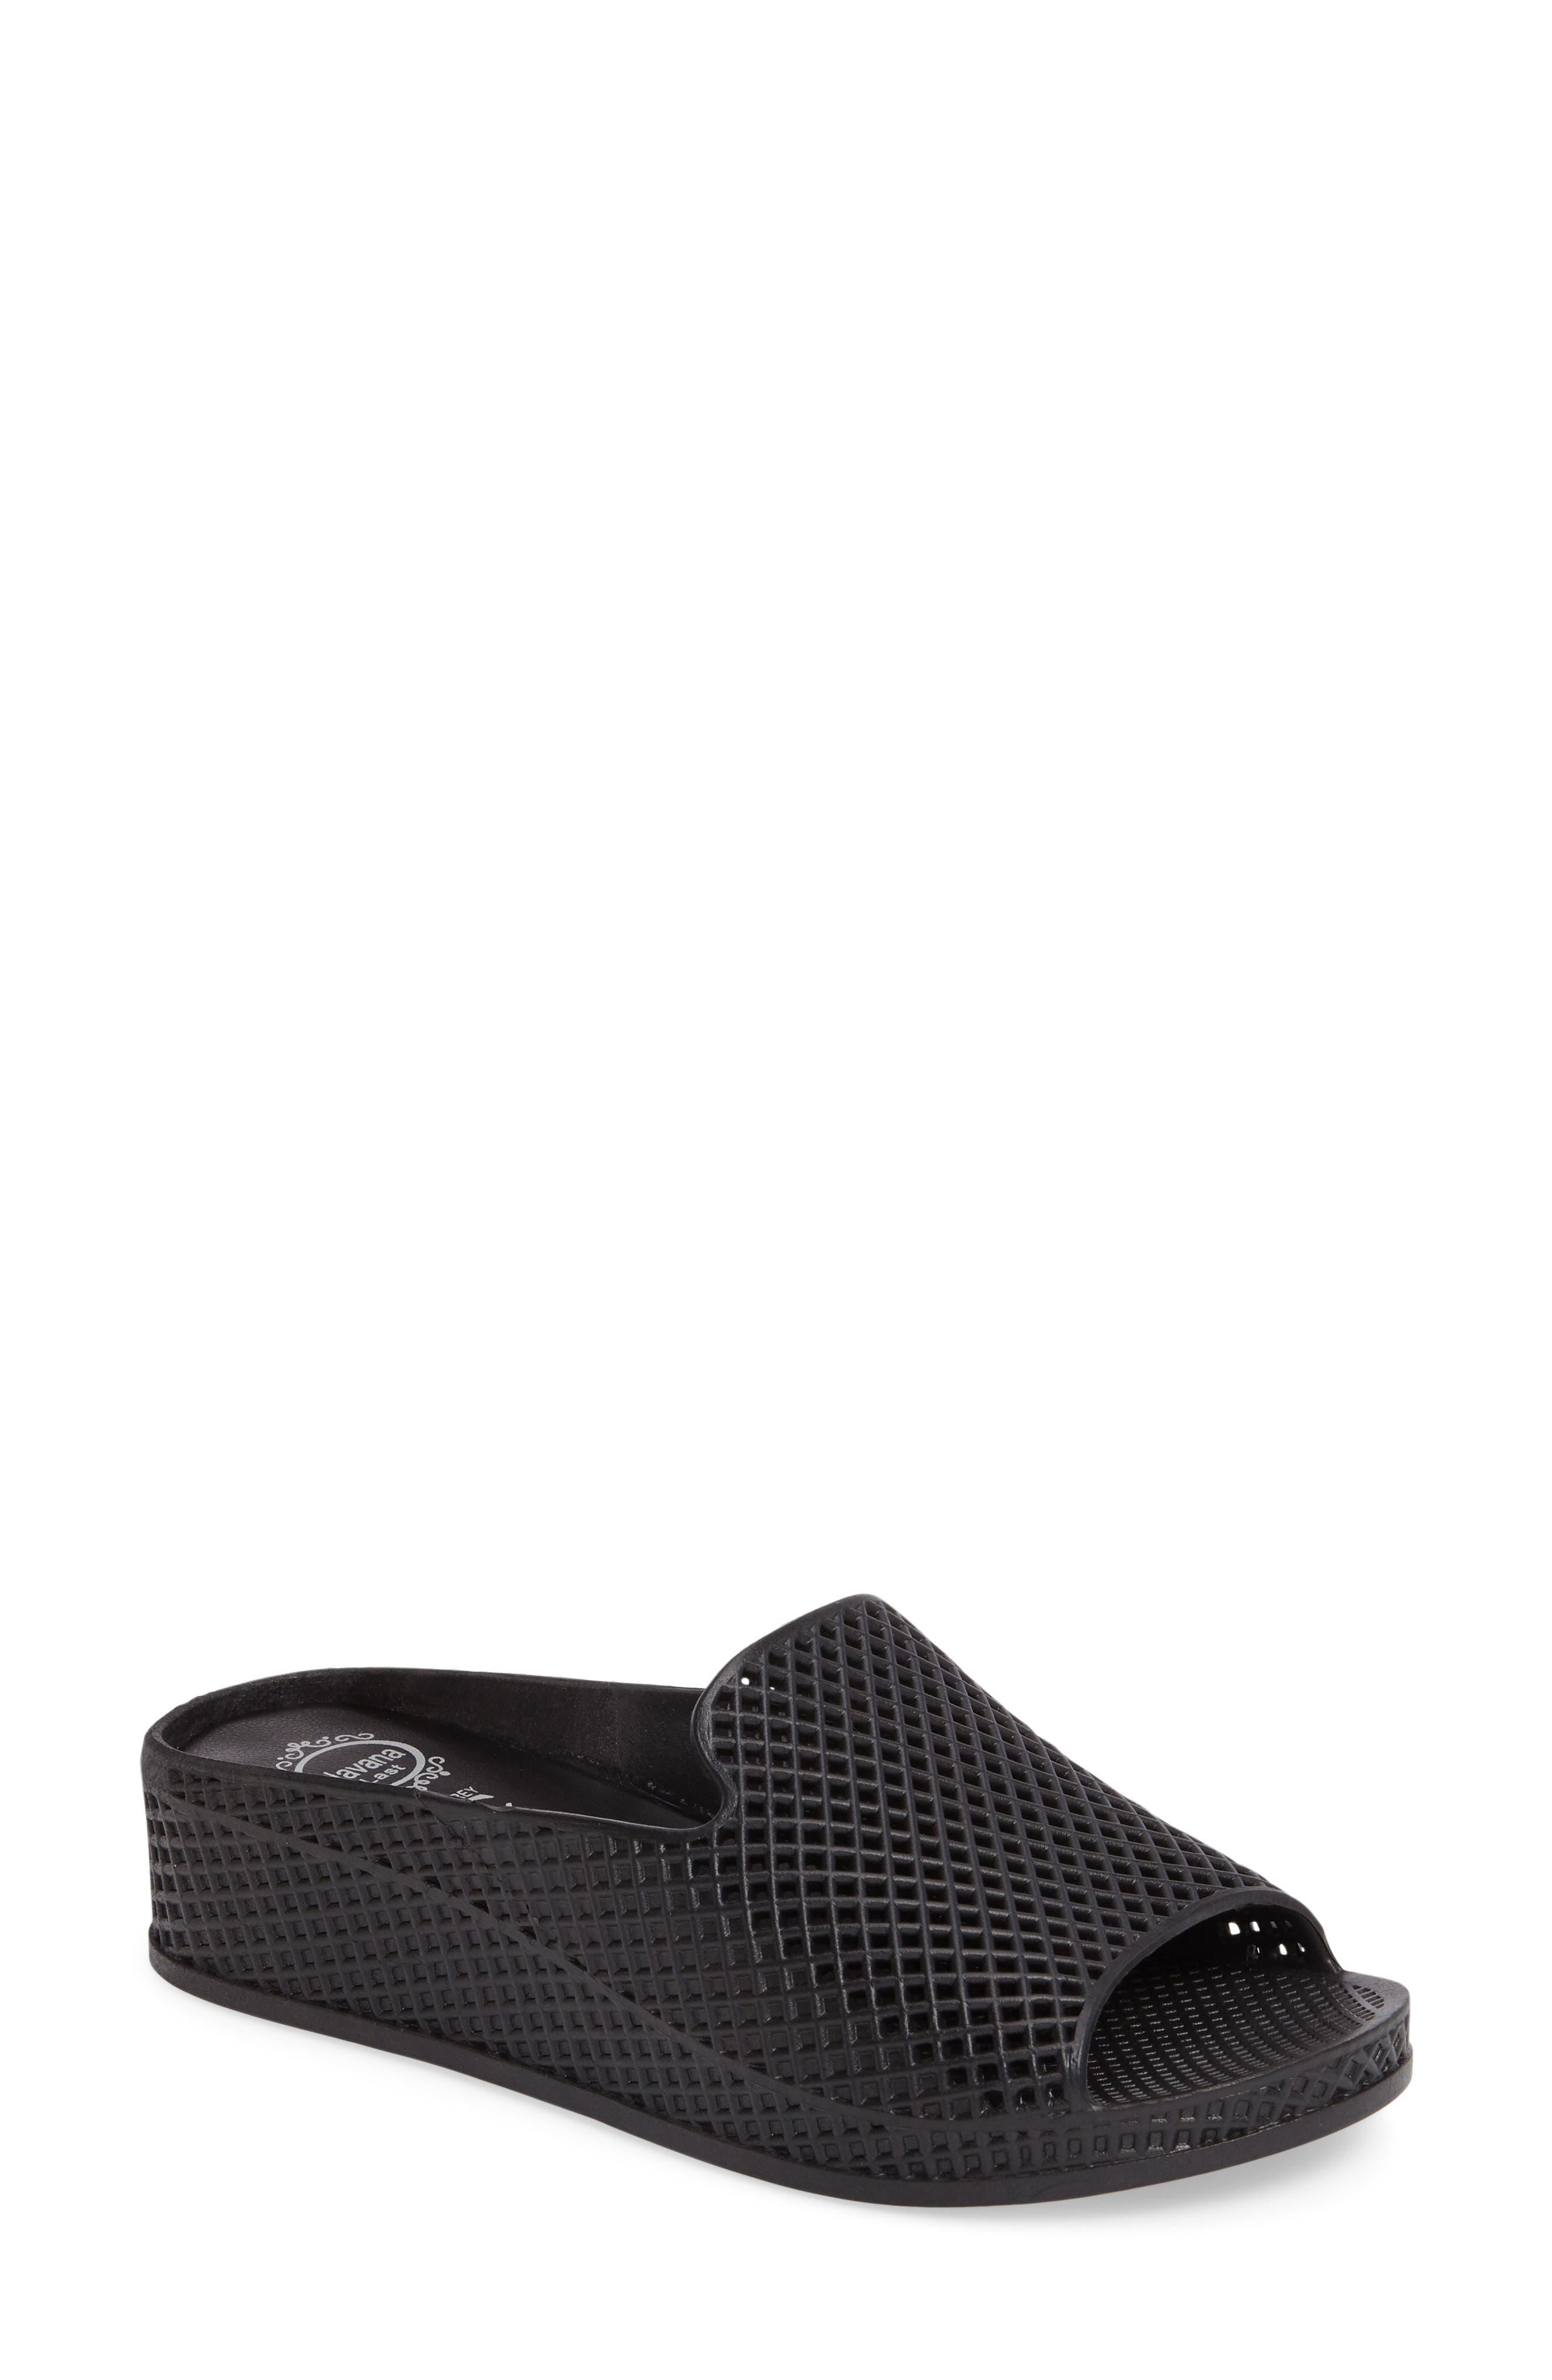 JEFFREY CAMPBELL Fling 2 Sandal, Main, color, BLACK